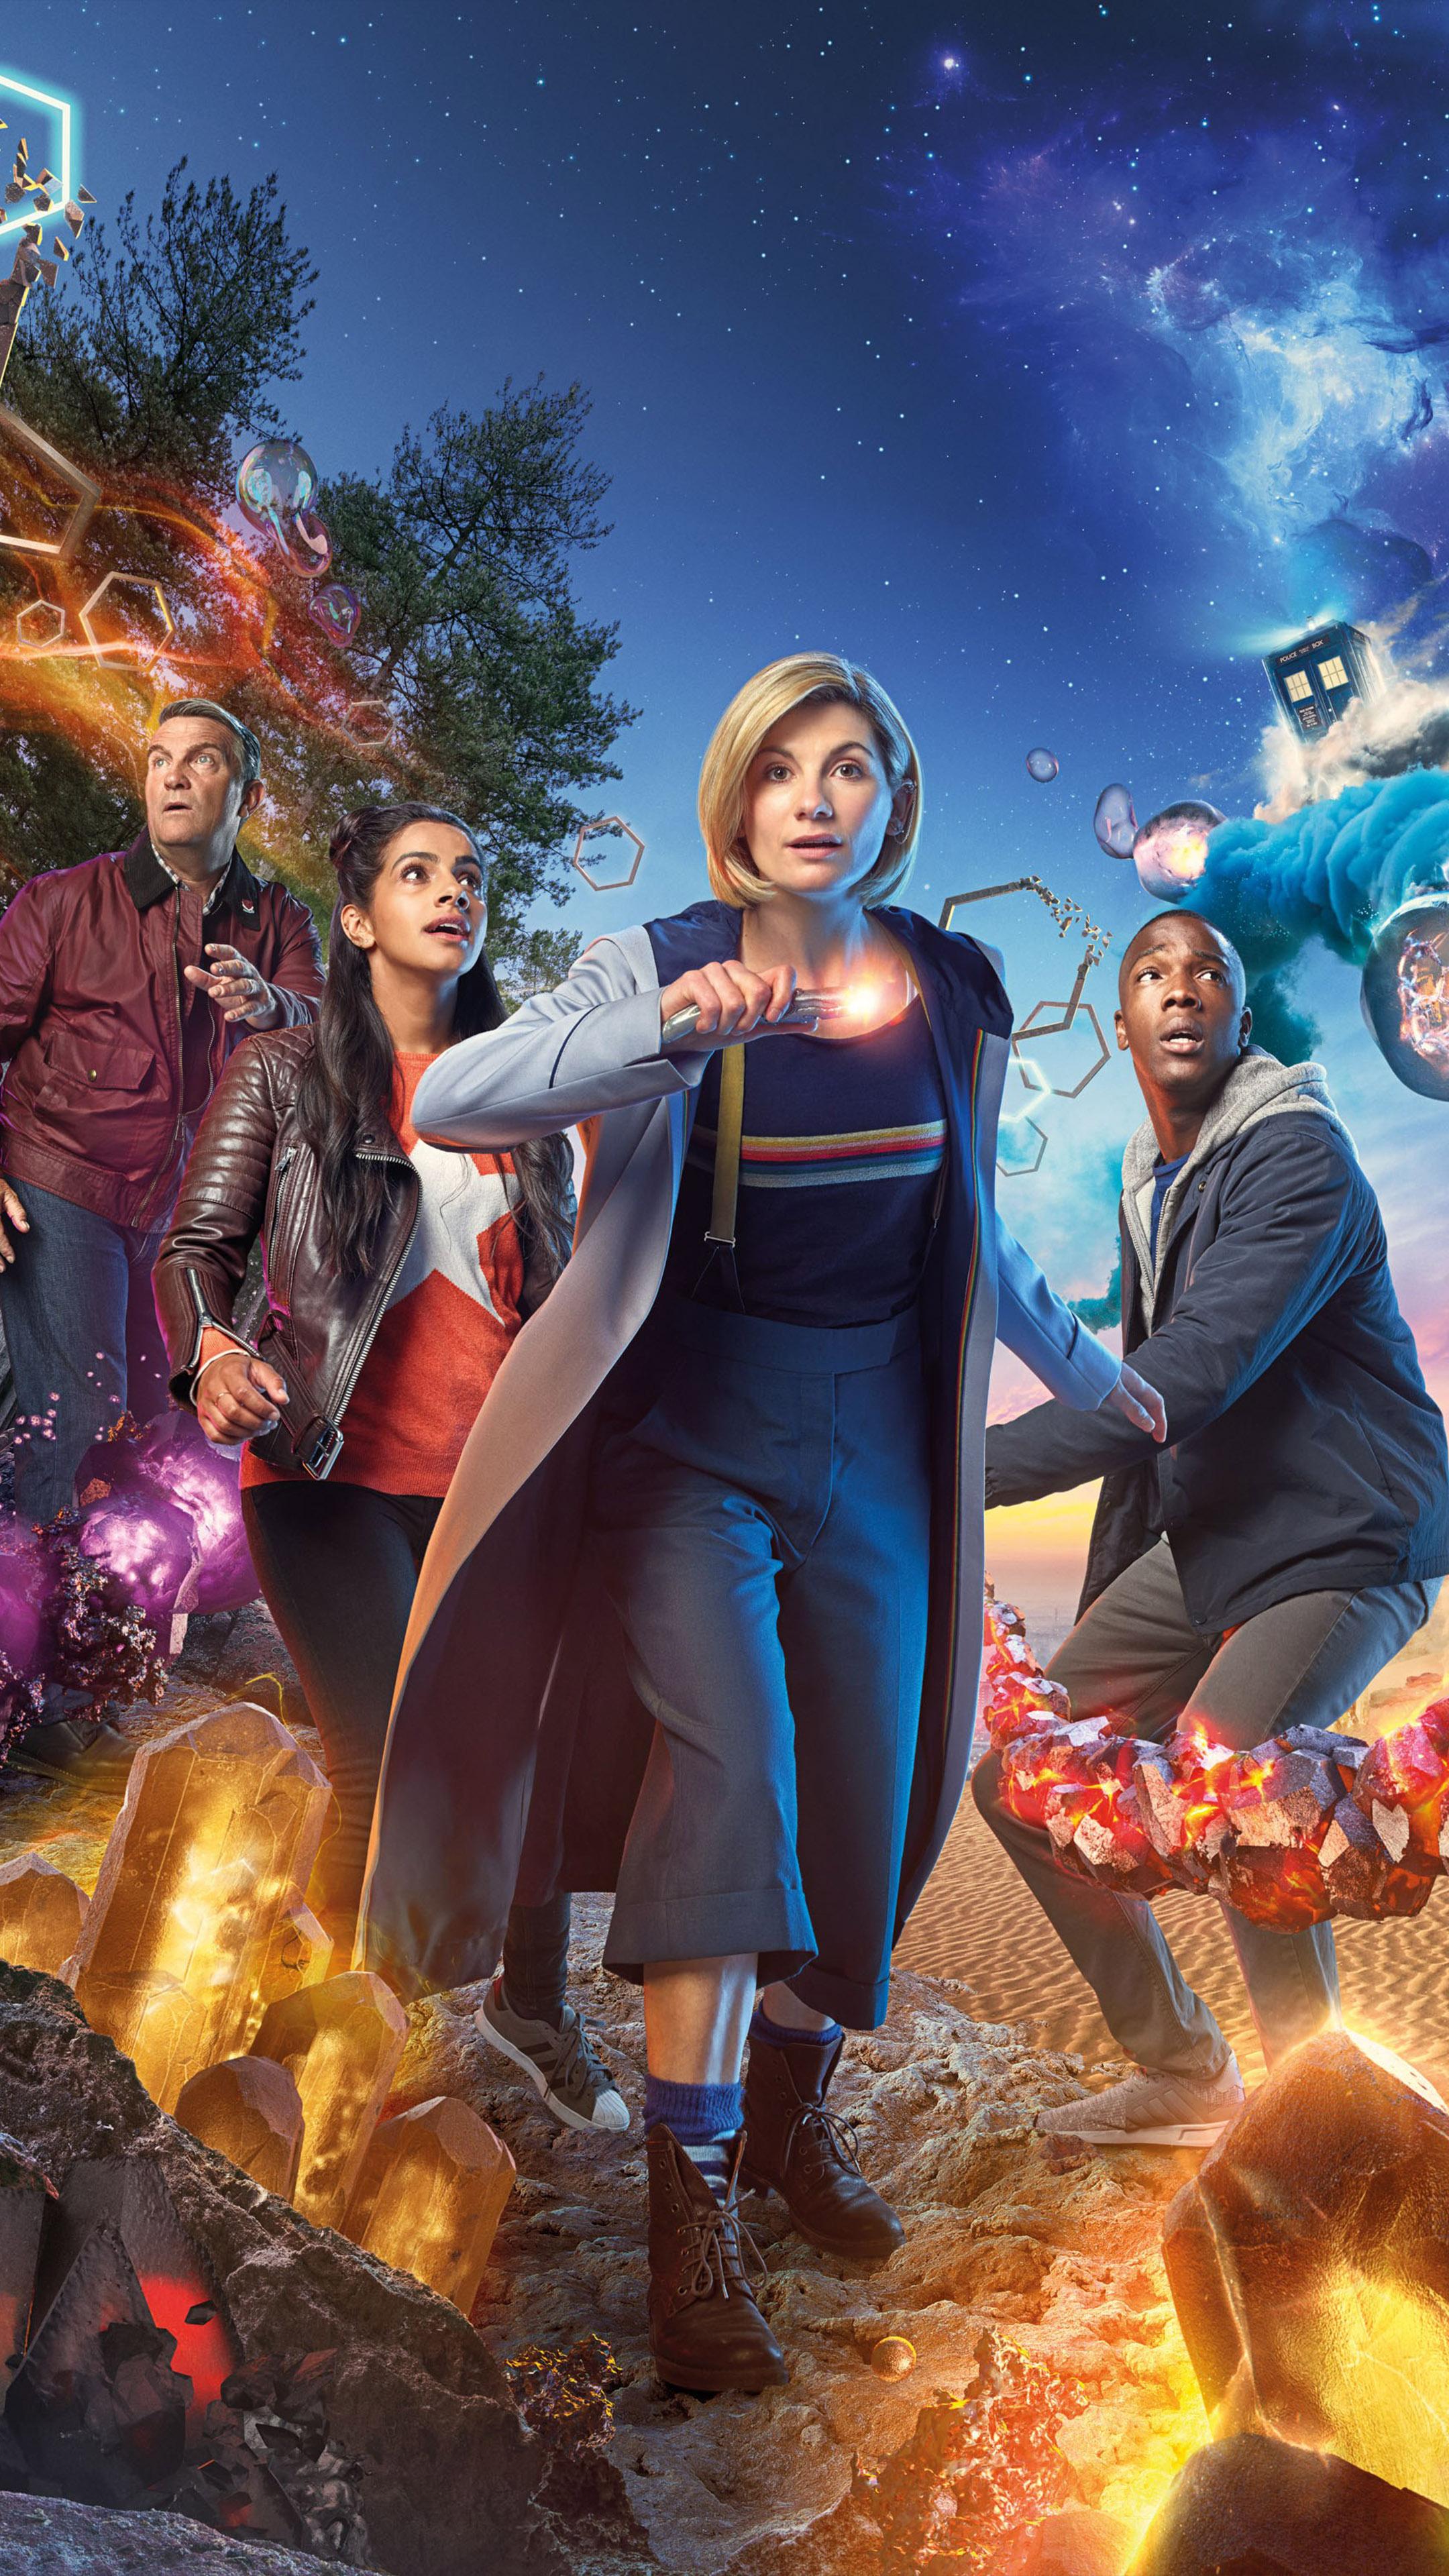 Jodie Whittaker In Doctor Who Season 11 4k Ultra Hd Mobile Wallpaper